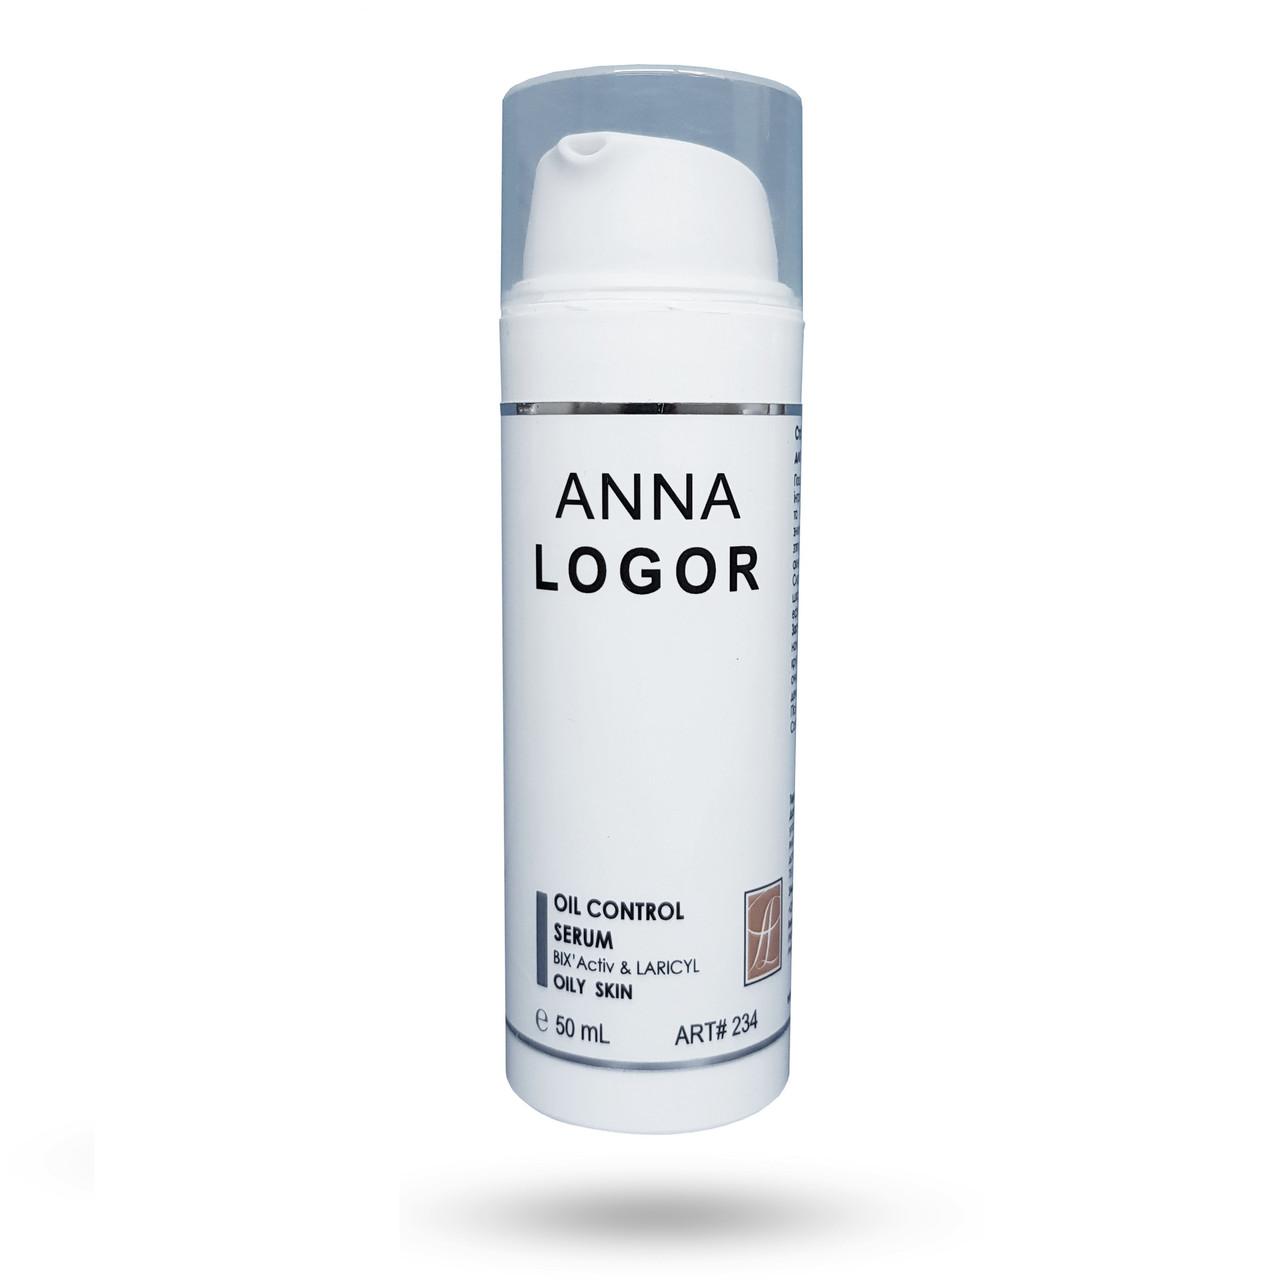 Стабілізуюча сироватка для жирної шкіри Anna LOGOR Oil Control Serum 50 ml Art.234